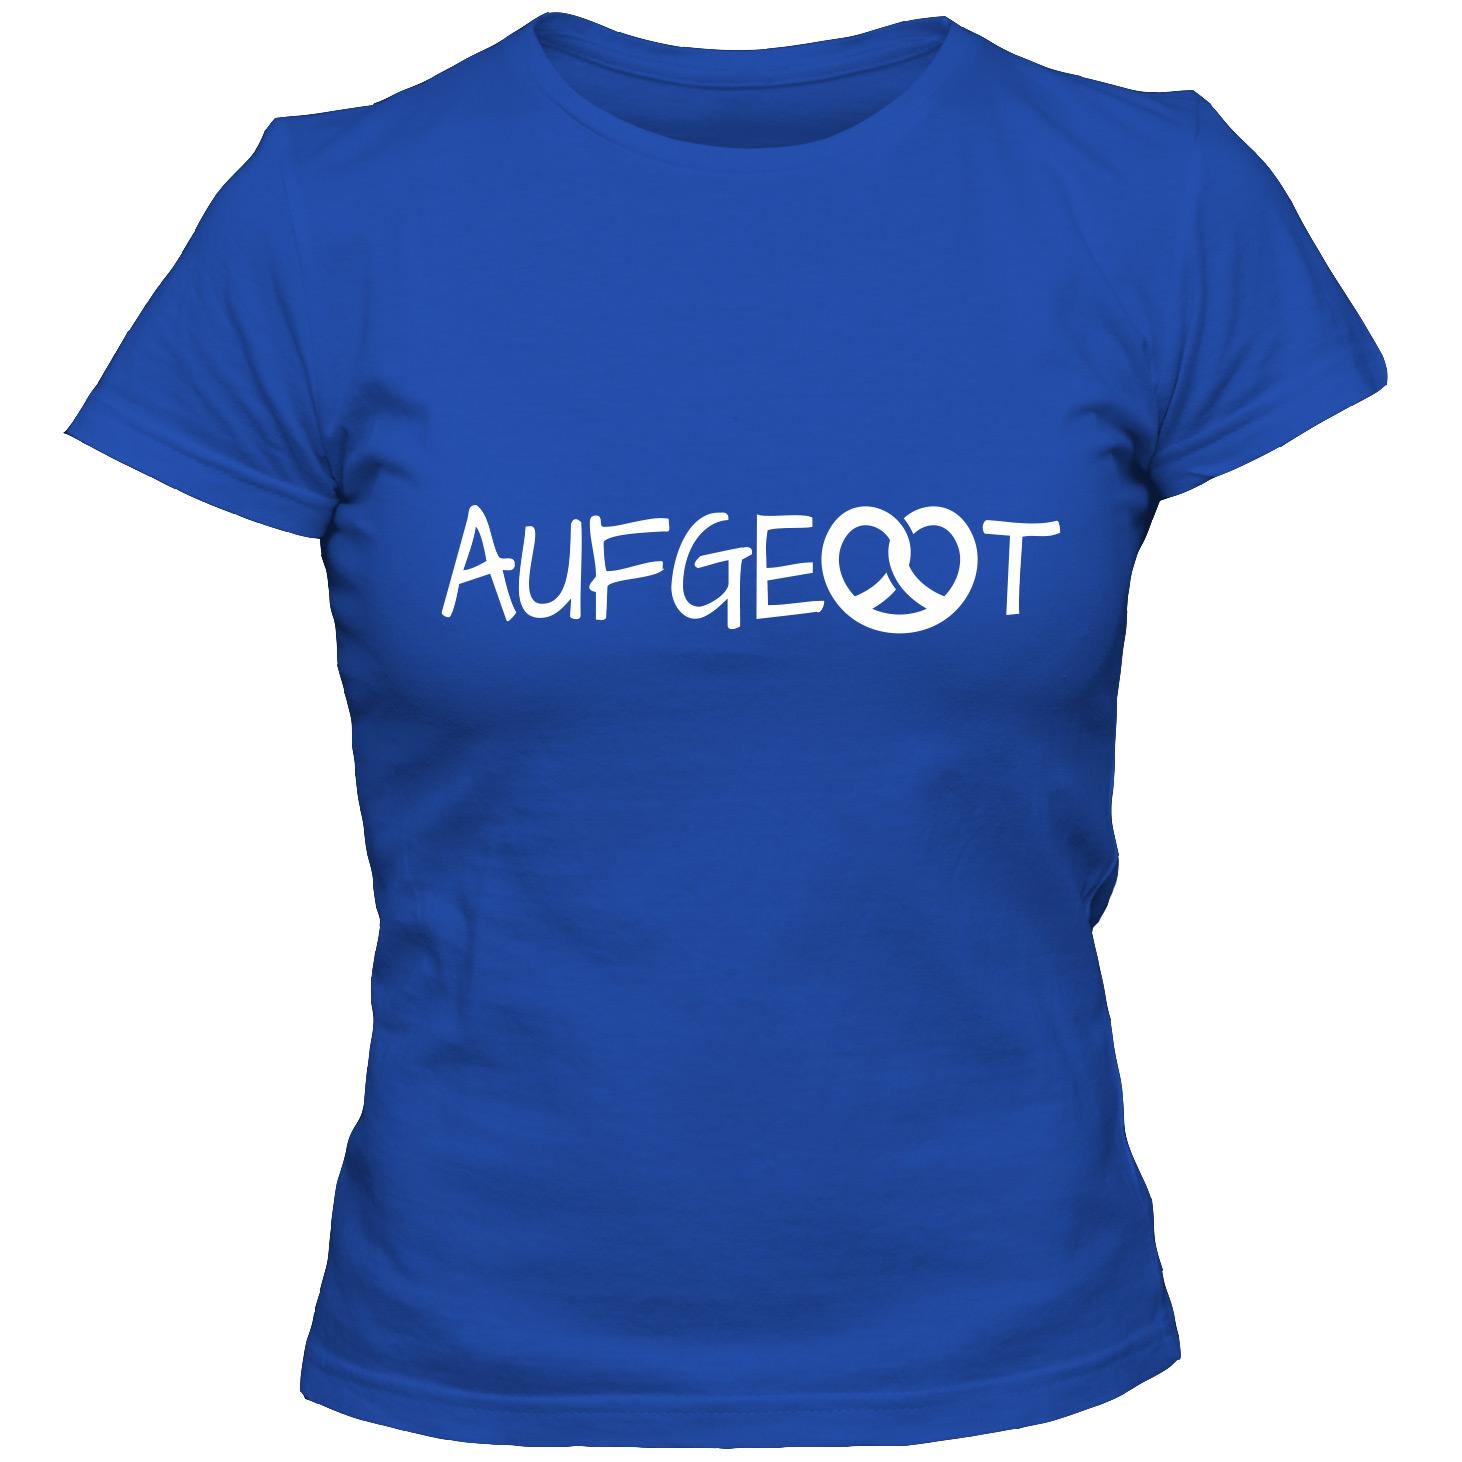 Damen T Shirt Aufgebrezelt Oktoberfest Dirndl Bayern Girlie Shirt S